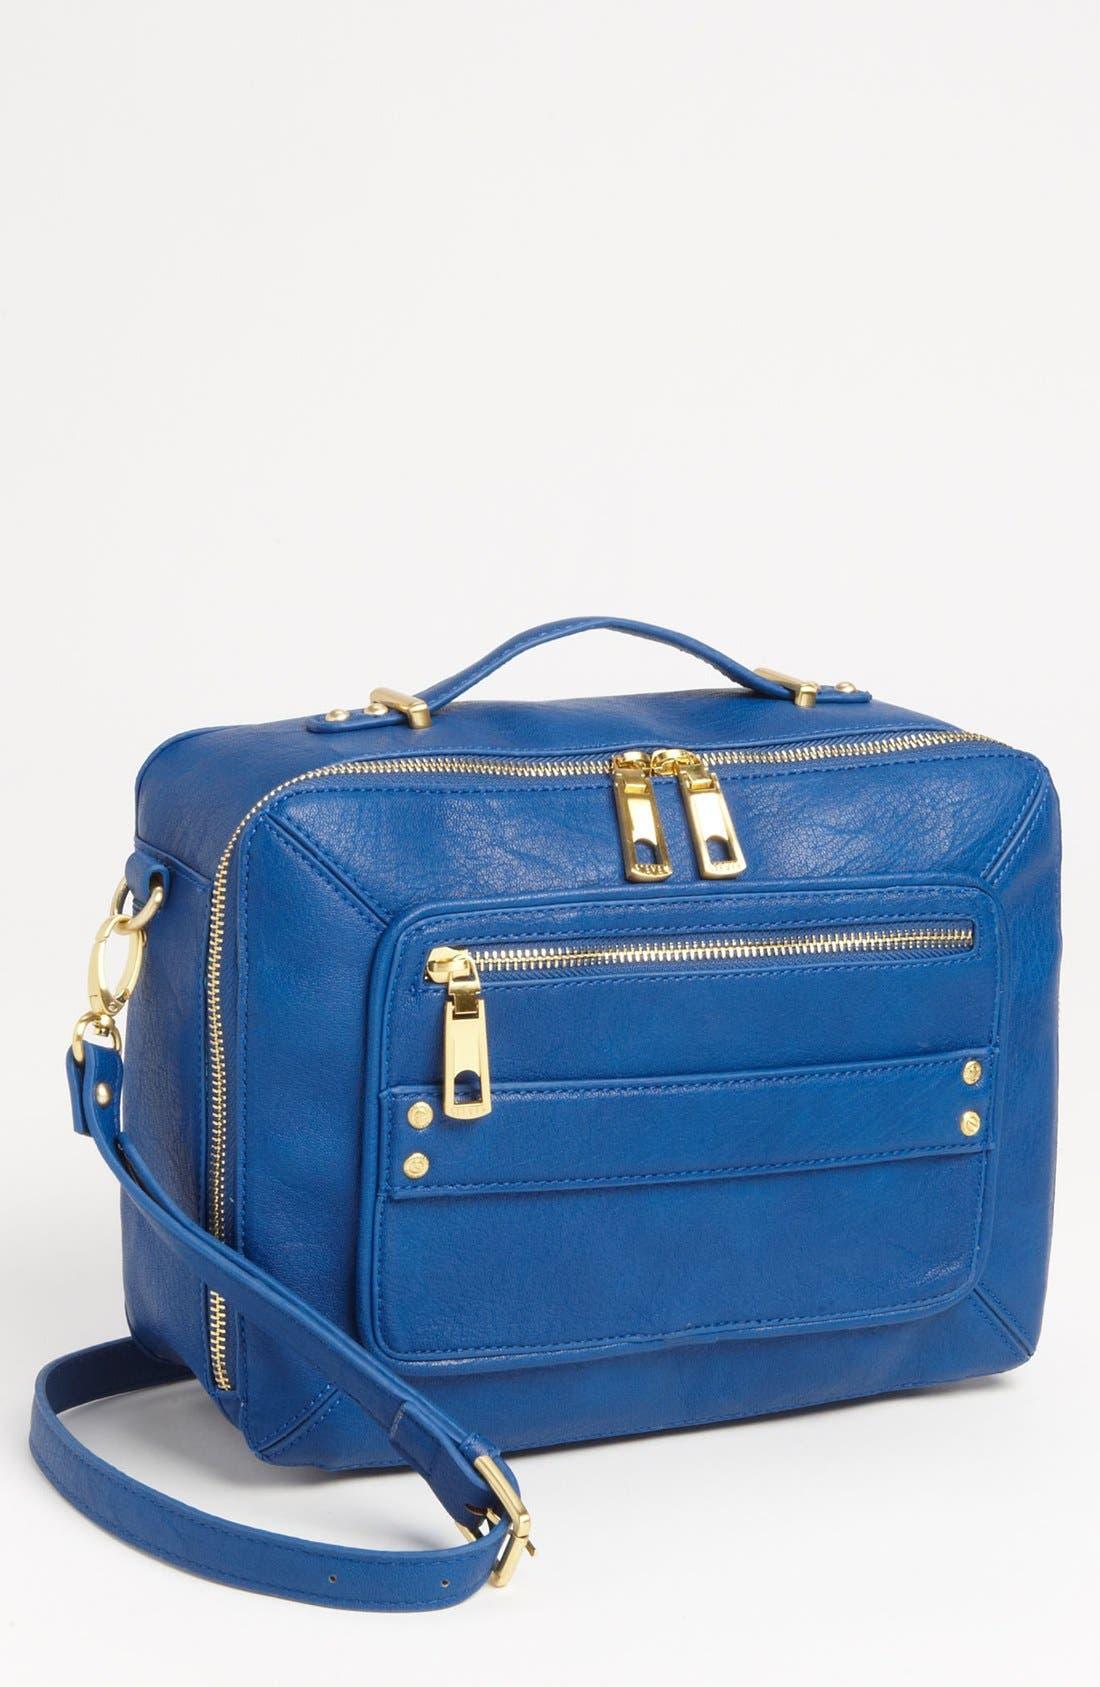 Alternate Image 1 Selected - Steven by Steve Madden 'Voyage' Crossbody Bag